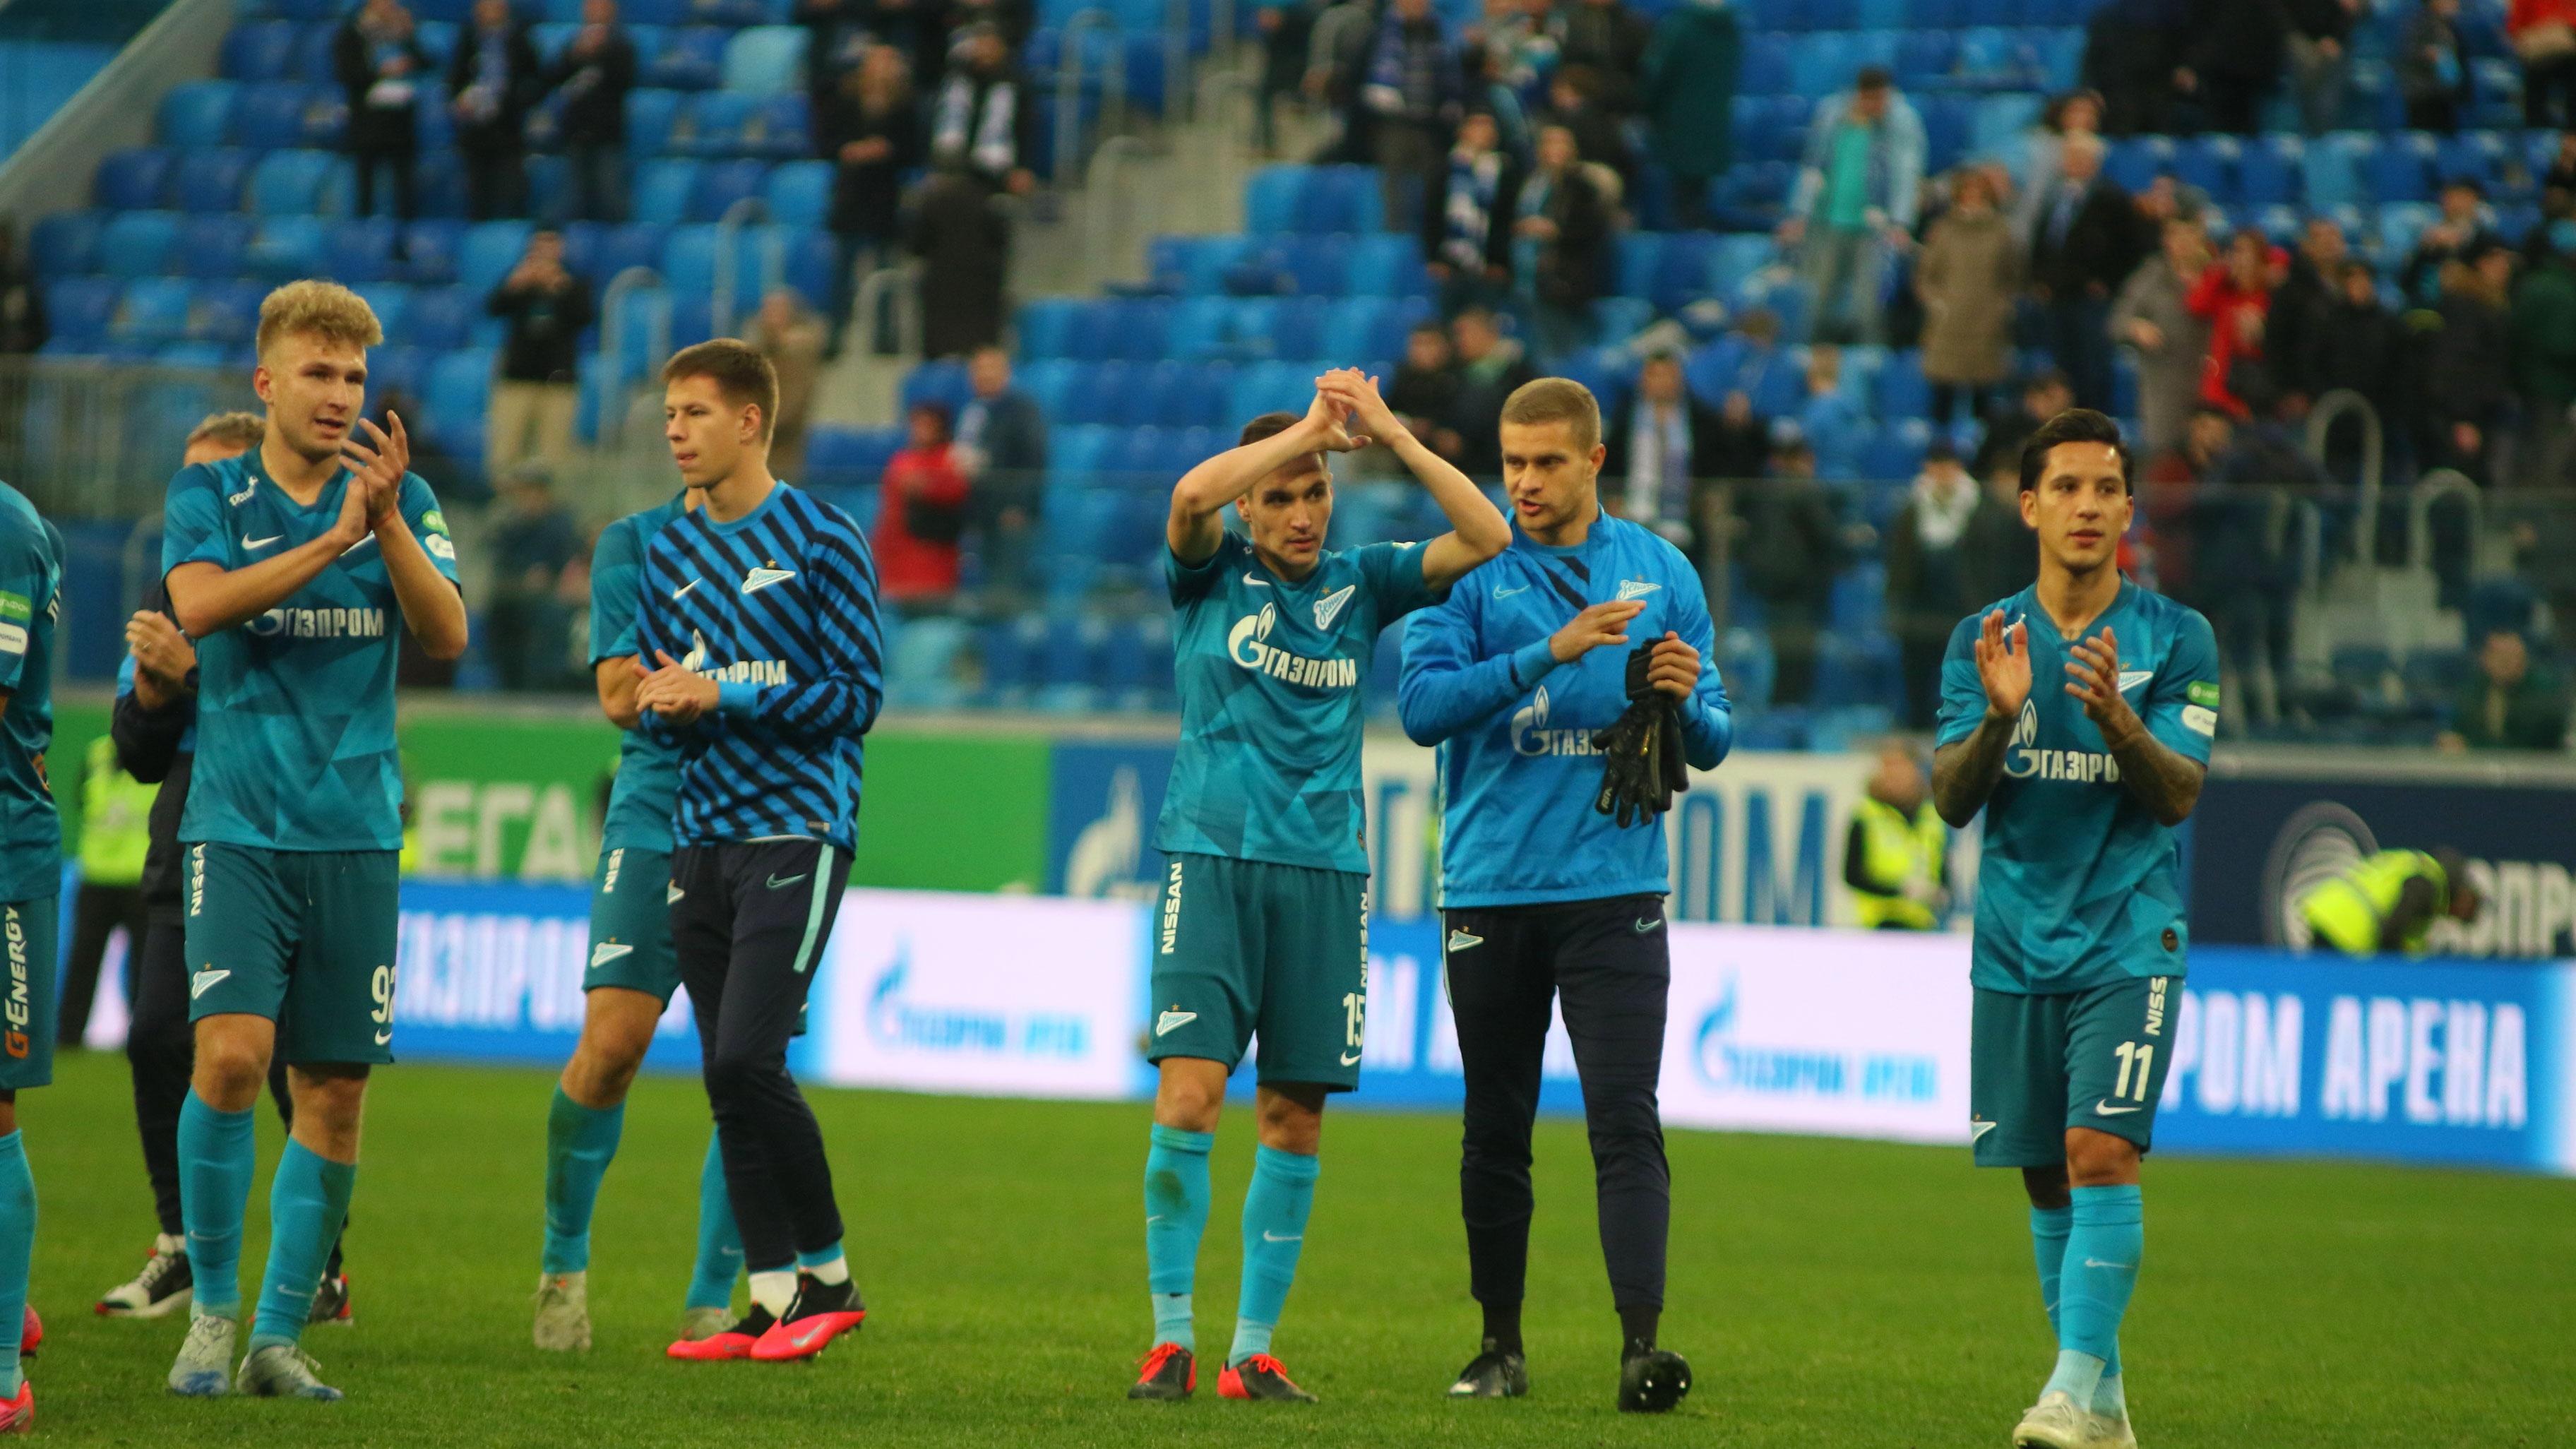 Матчи Российской футбольной премьер-лиги возобновятся 19 июня